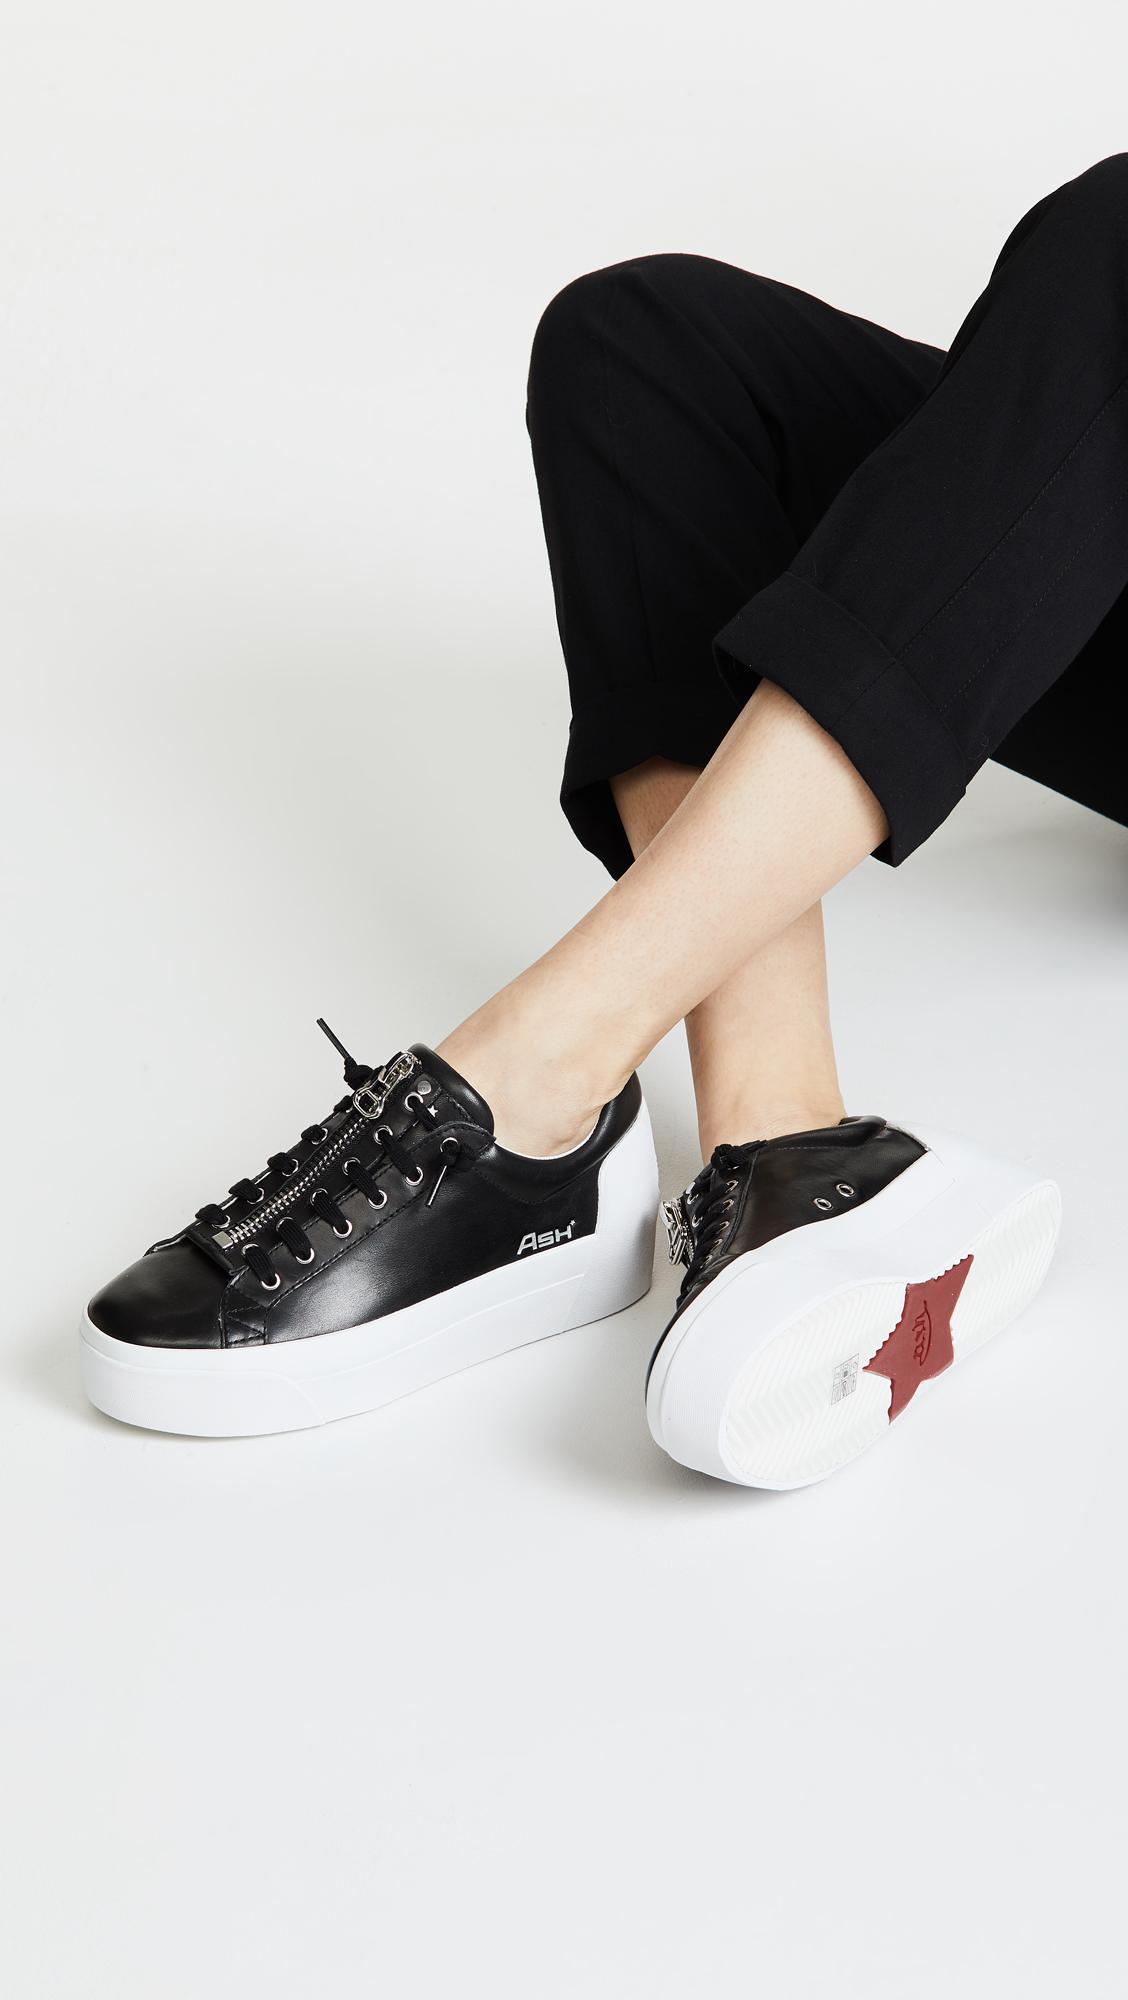 f51398e03dc70 Ash Buzz Platform Sneakers